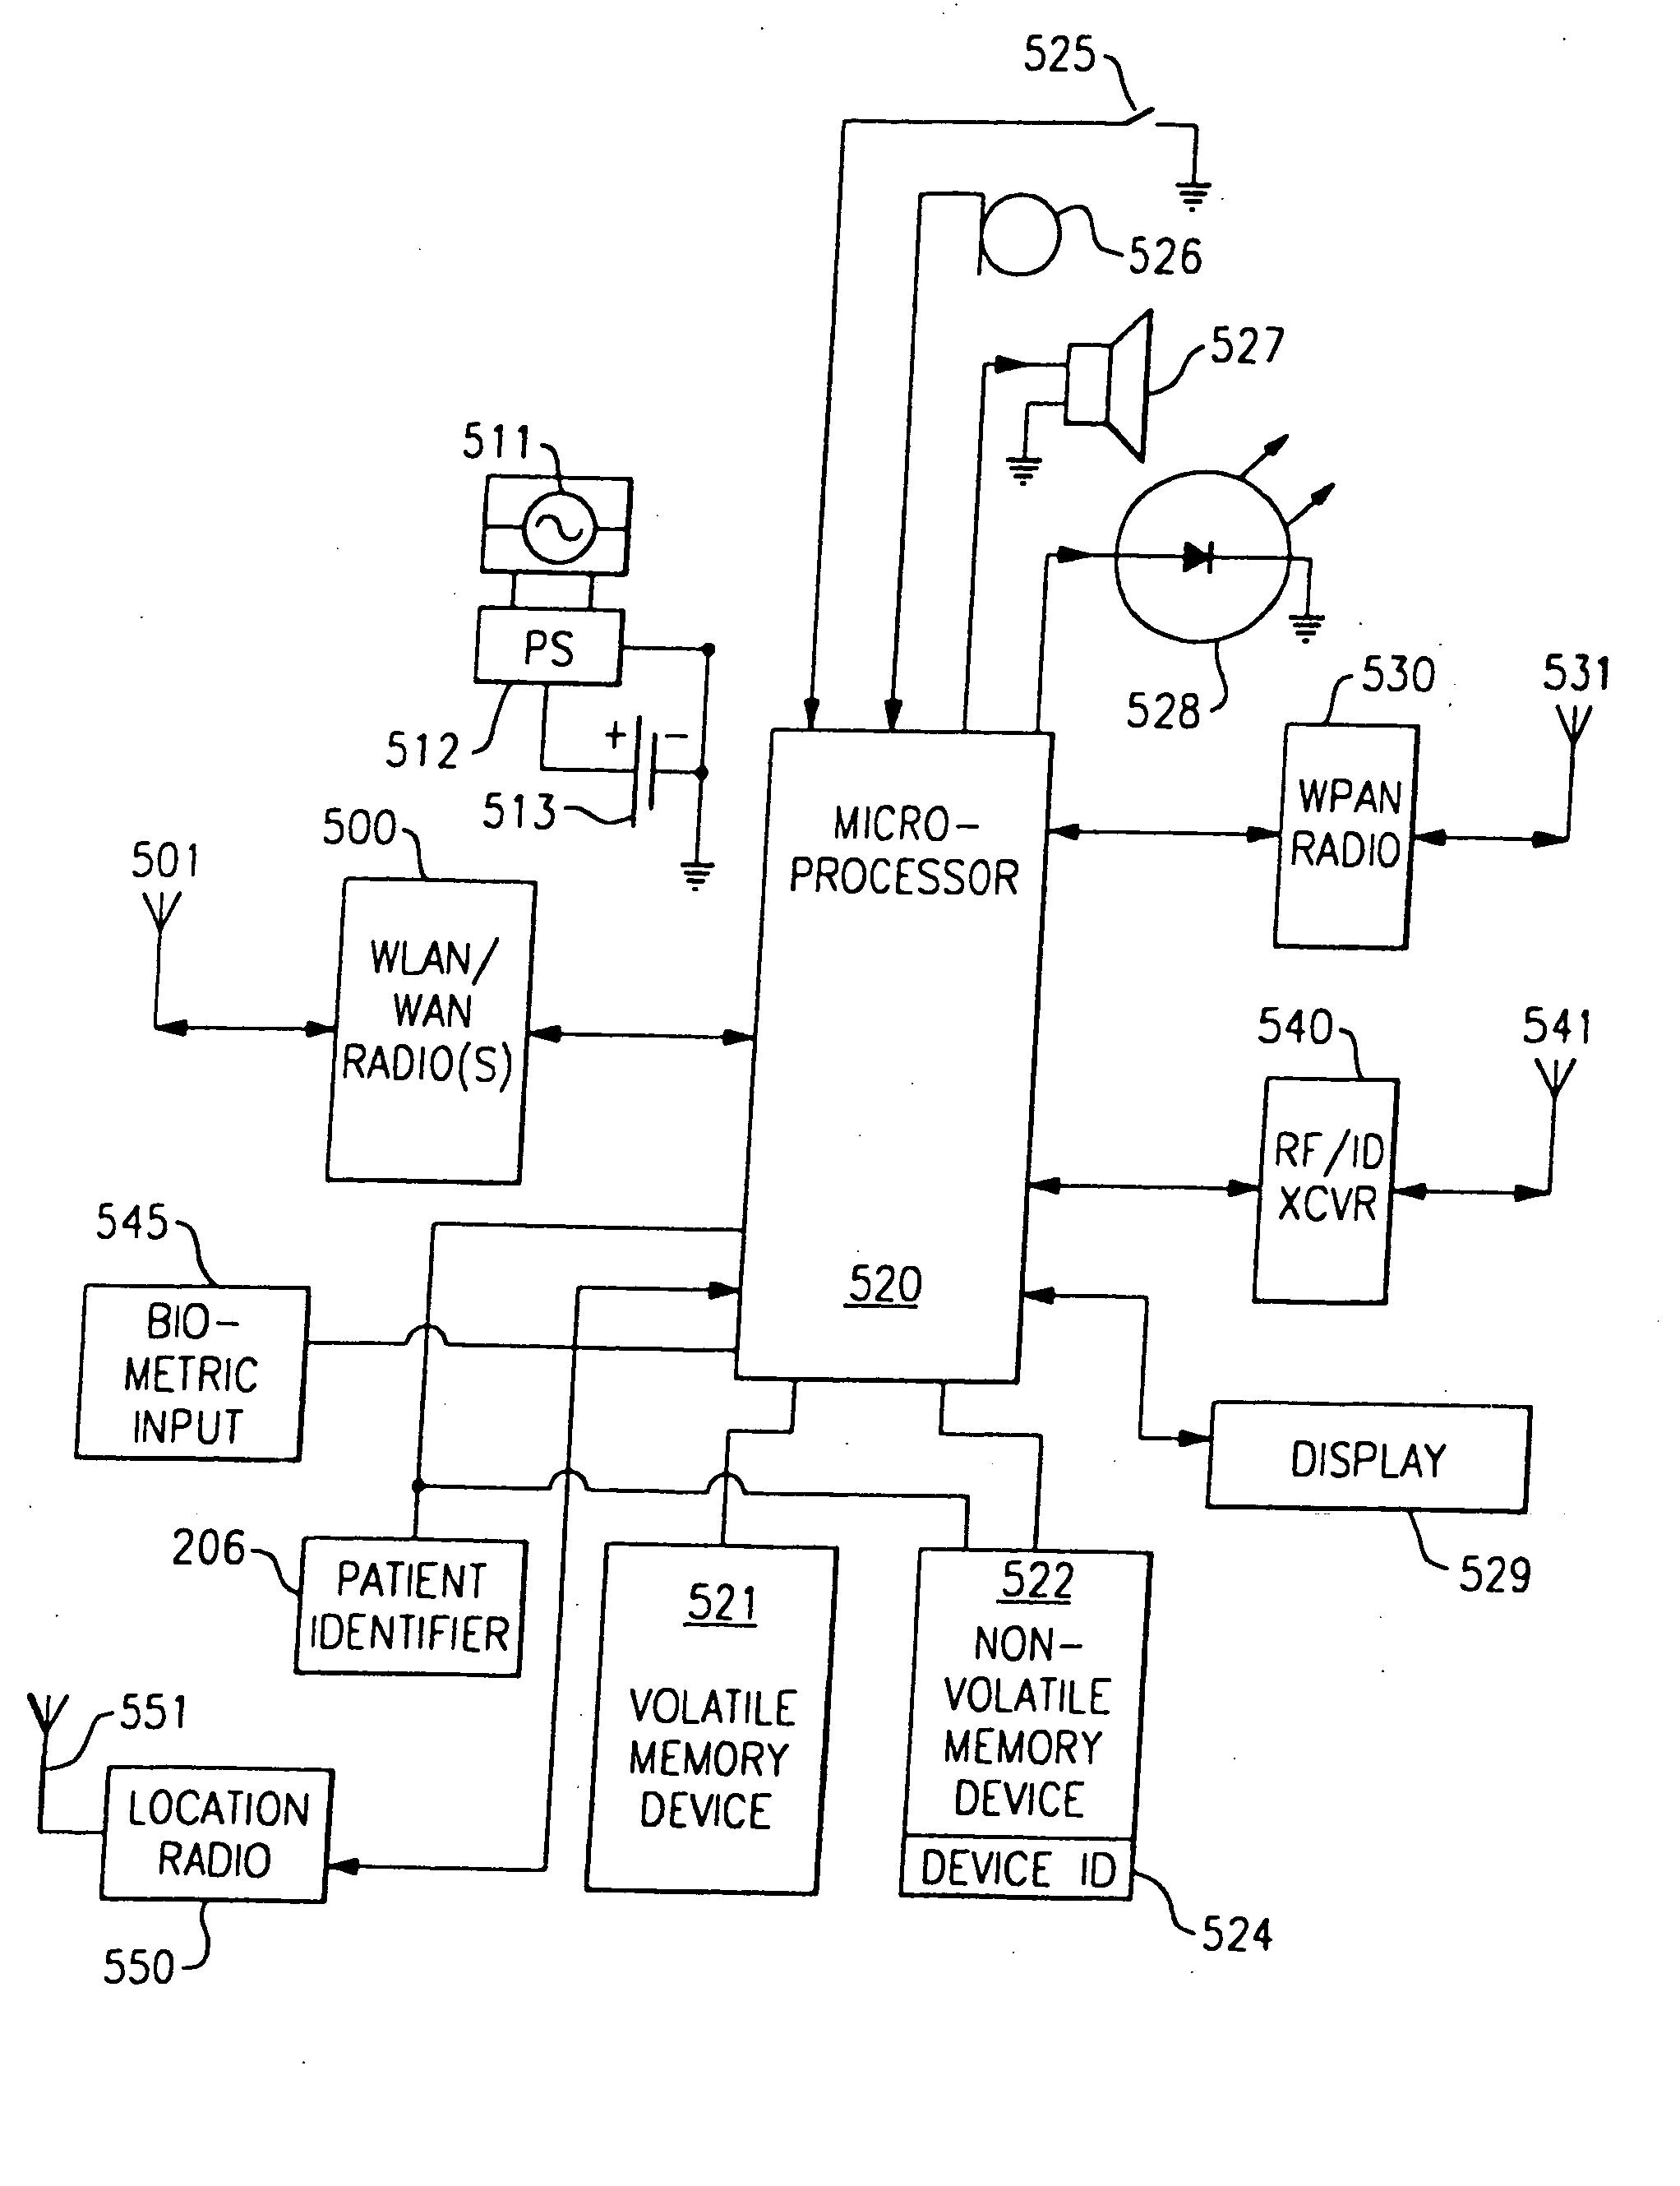 No Signal Monitor Status | Wiring Diagram Database